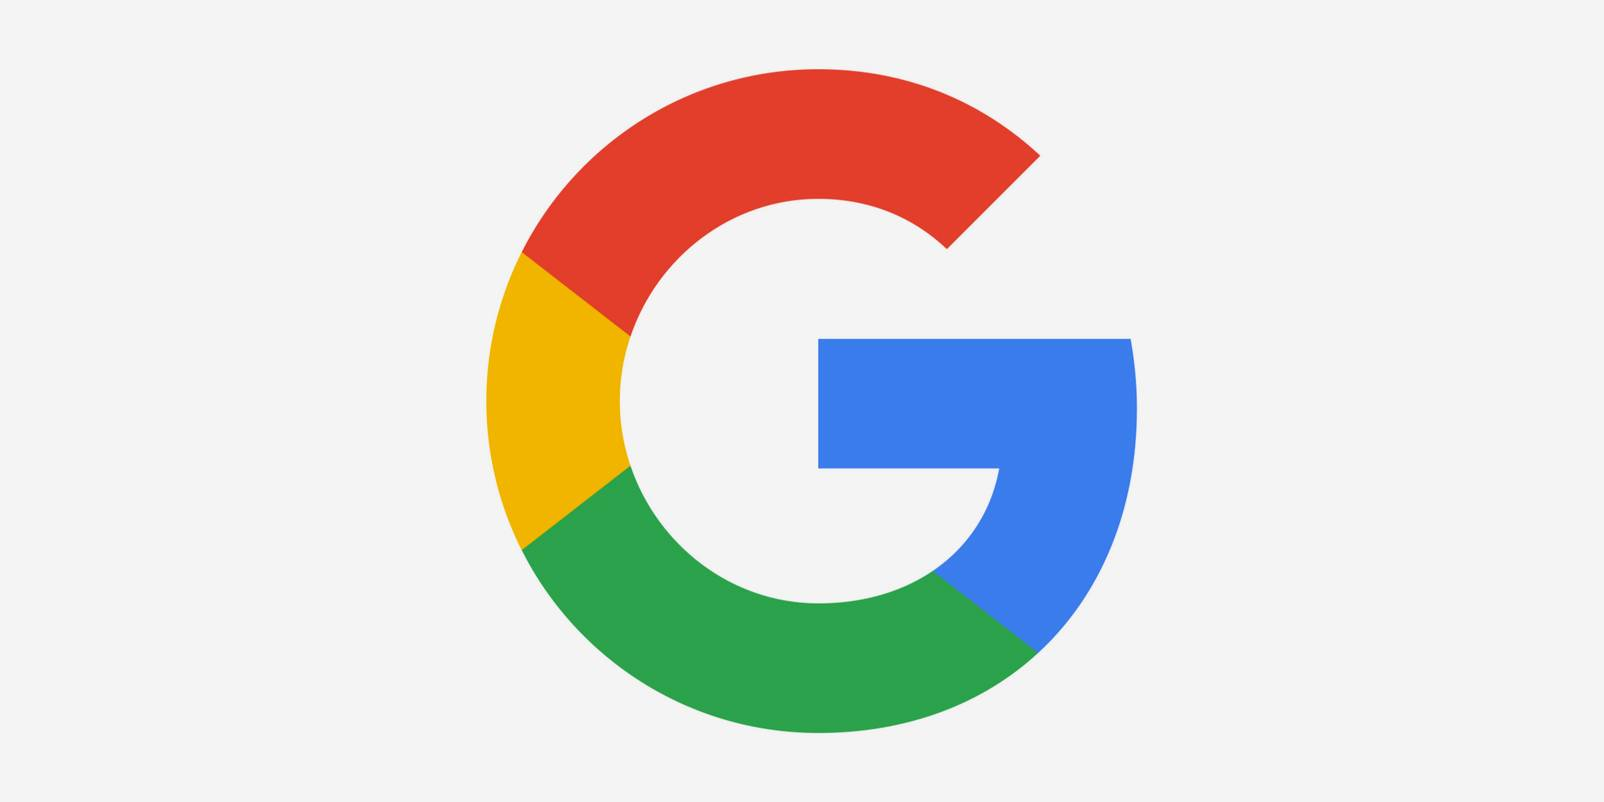 谷歌全attention机器翻译模型Transformer的TensorFlow实现